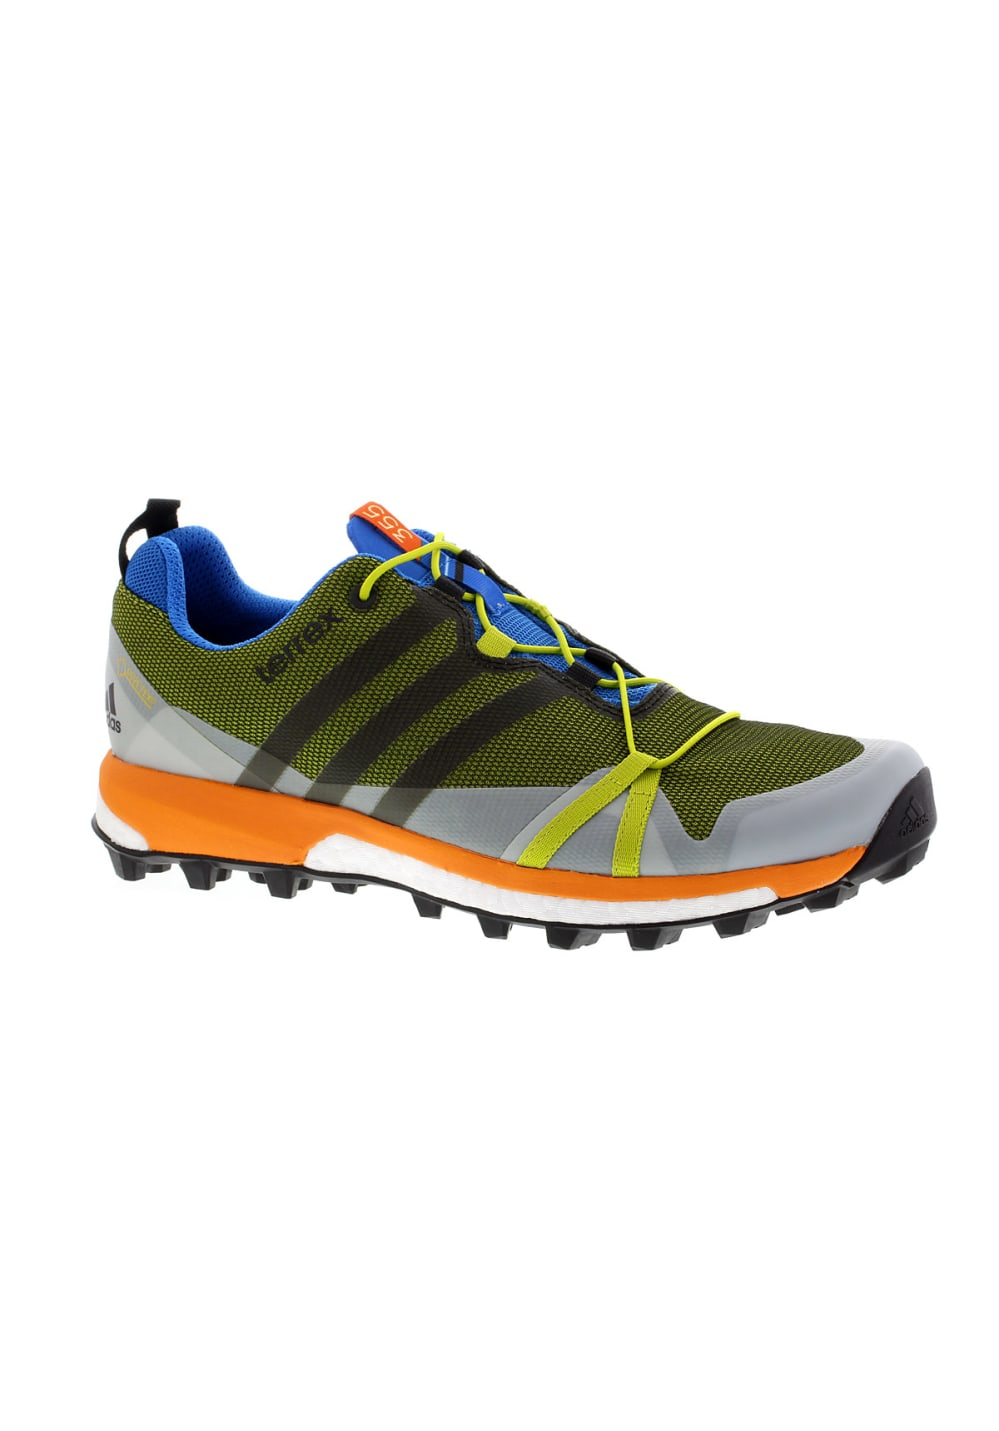 adidas Terrex Agravic GTX Outdoor shoes for Men Black